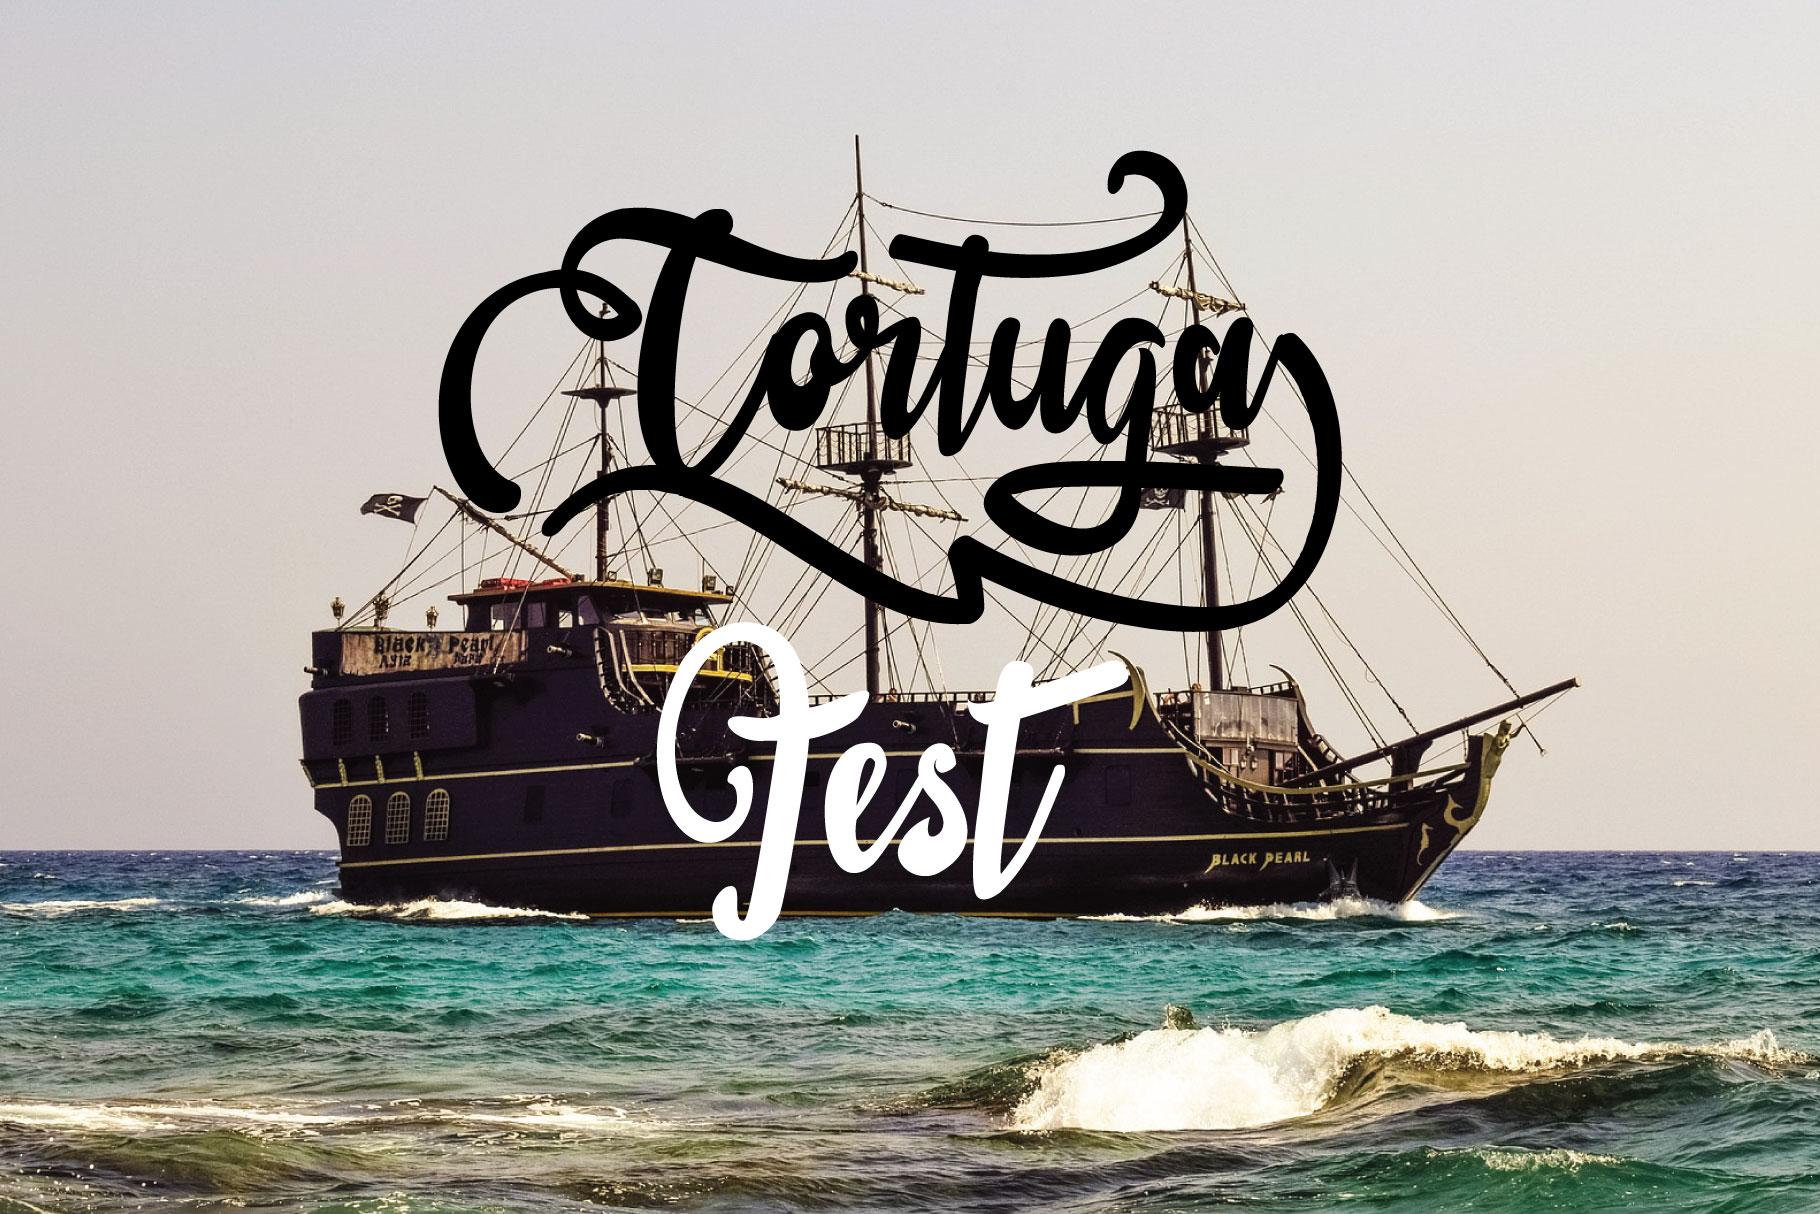 sail tortuga example image 8